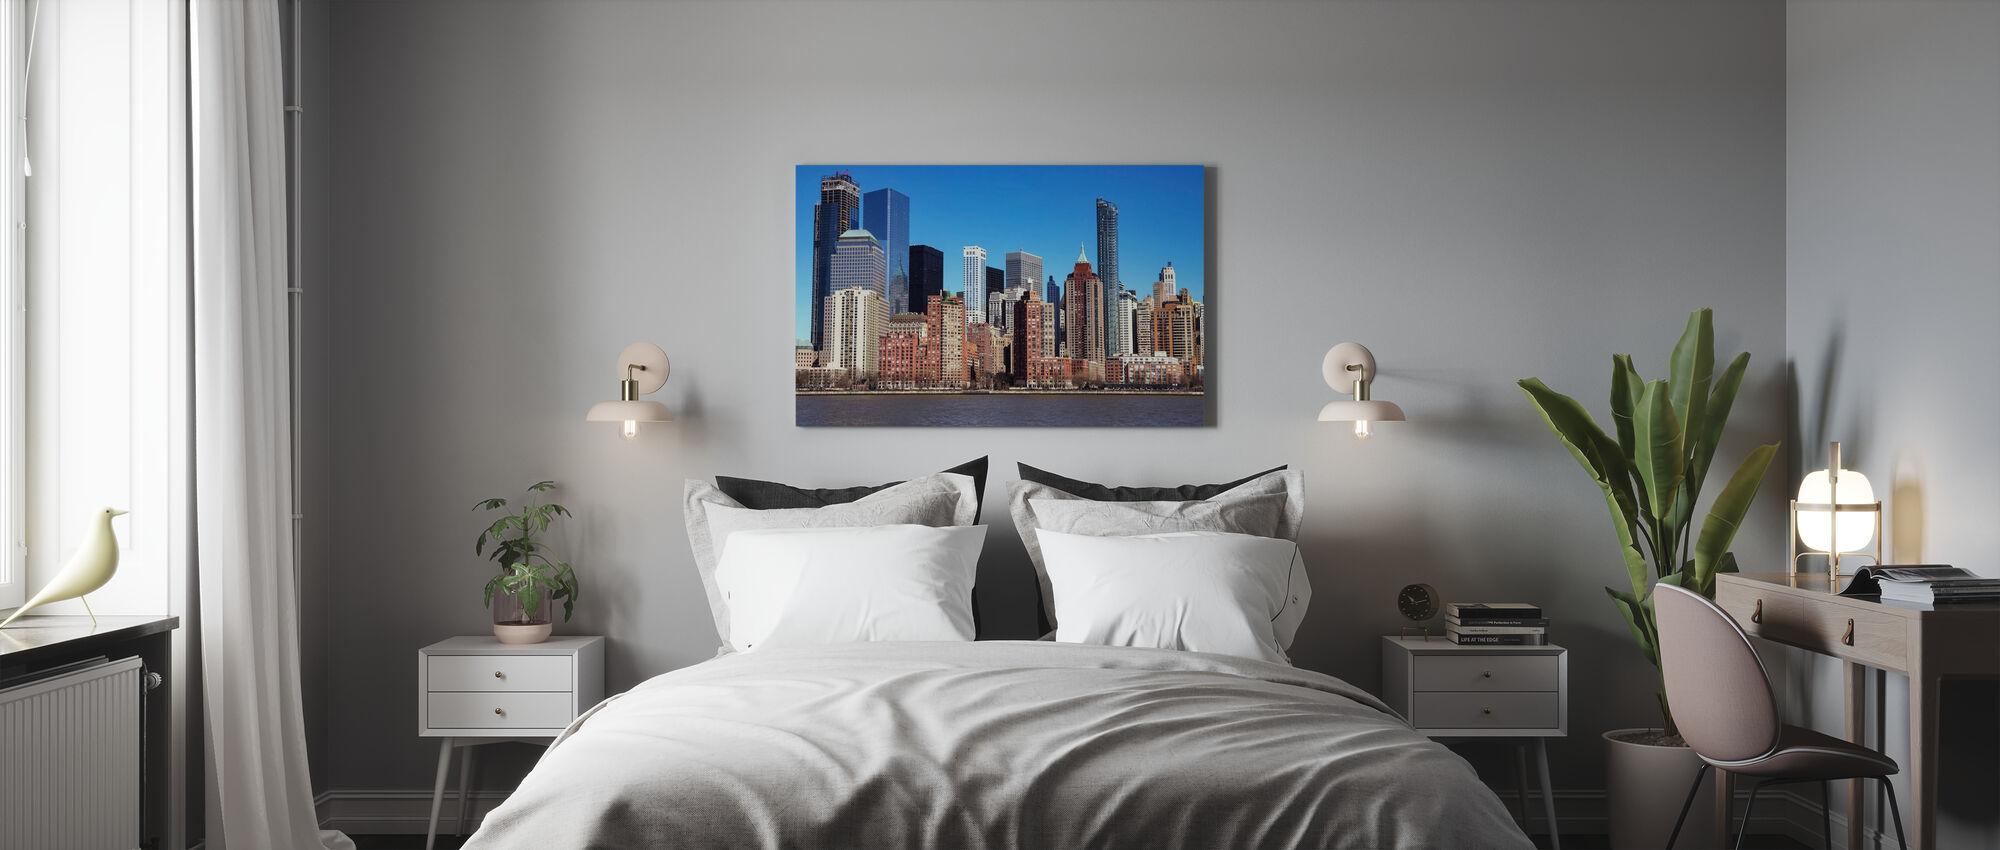 Manhattan Skyscraper Stupisci Chi Ami Con Stampe Su Tela Photowall